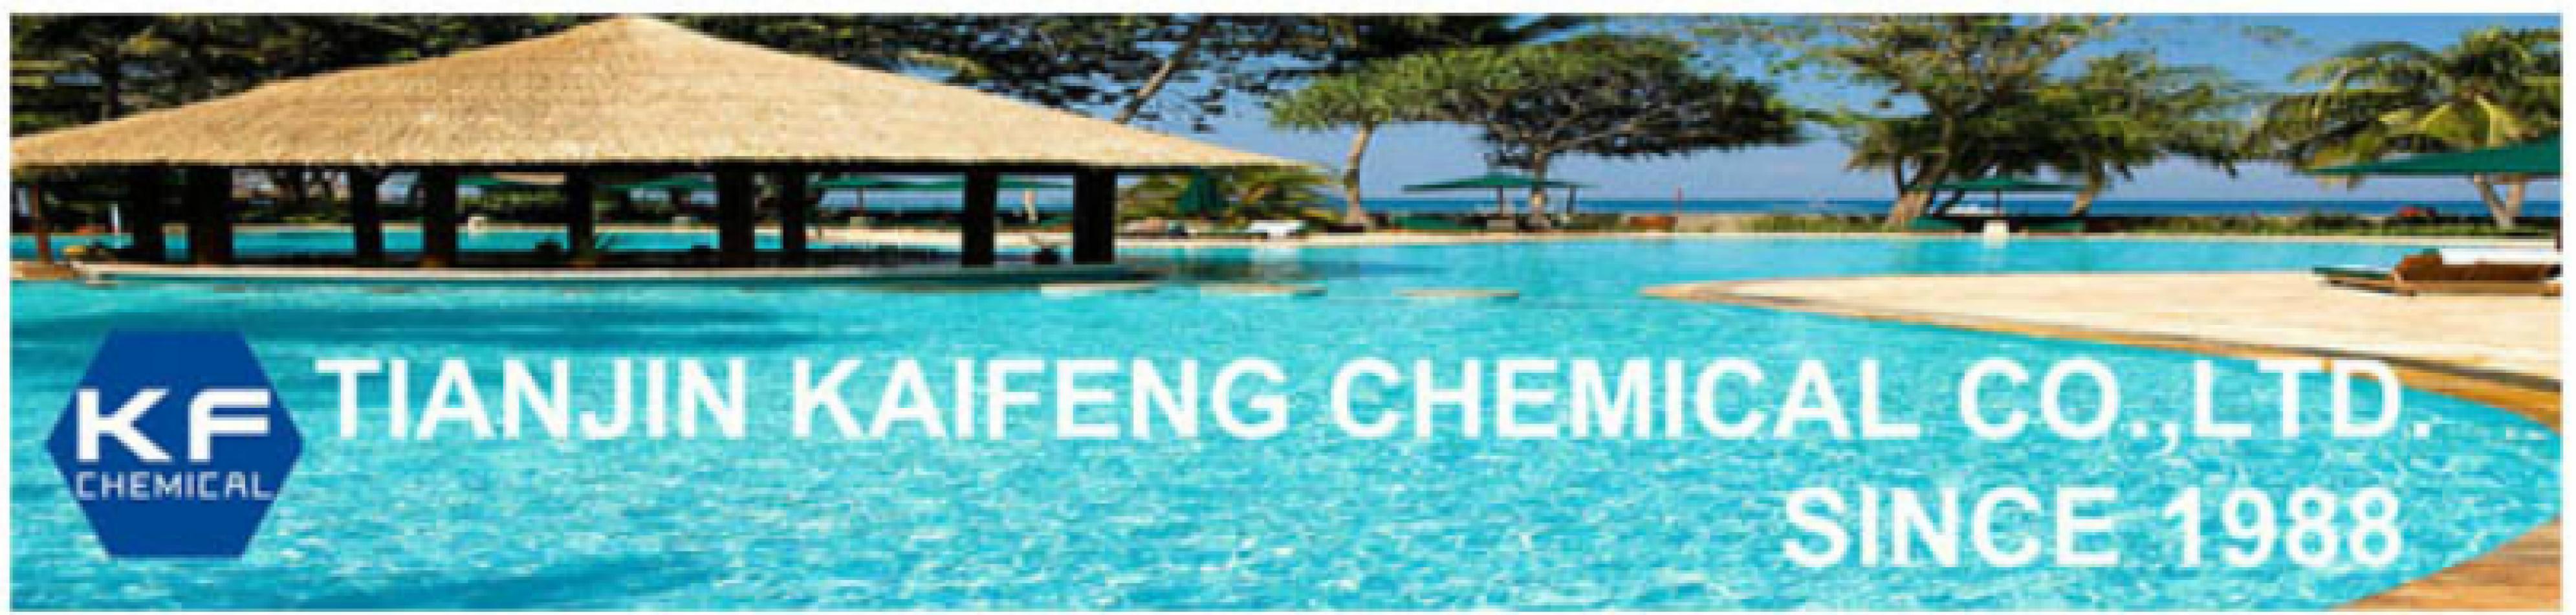 TIANJIN KAIFENG CHEMICAL CO.,LTD.